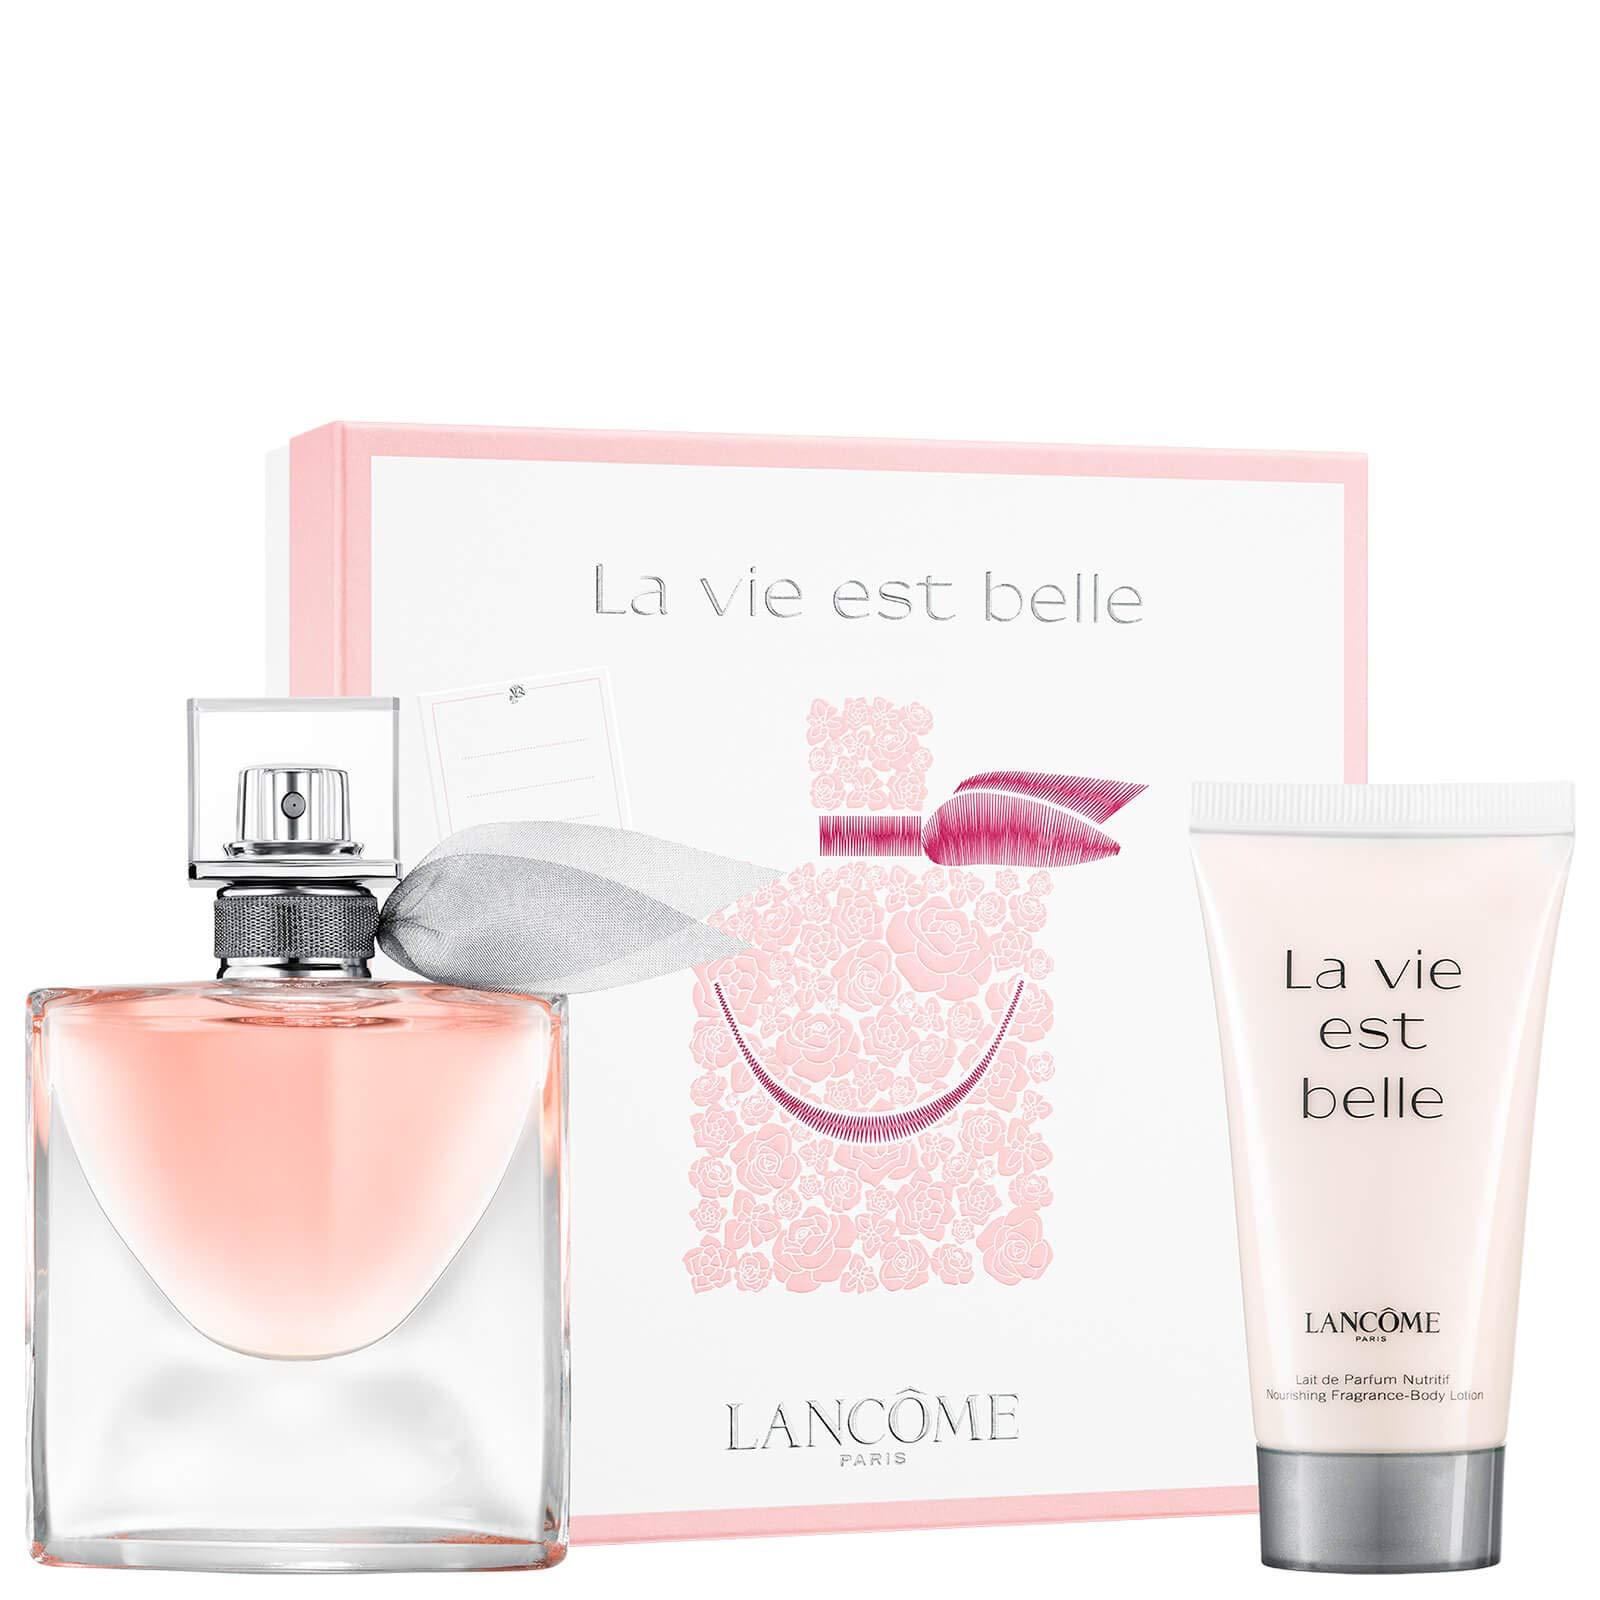 Lancome La Vie Est Belle Gift Set 80 Ml Eau De Parfum 30 Ml Bodylotion 50 Ml Buy Online In Dominica At Dominica Desertcart Com Productid 105894258